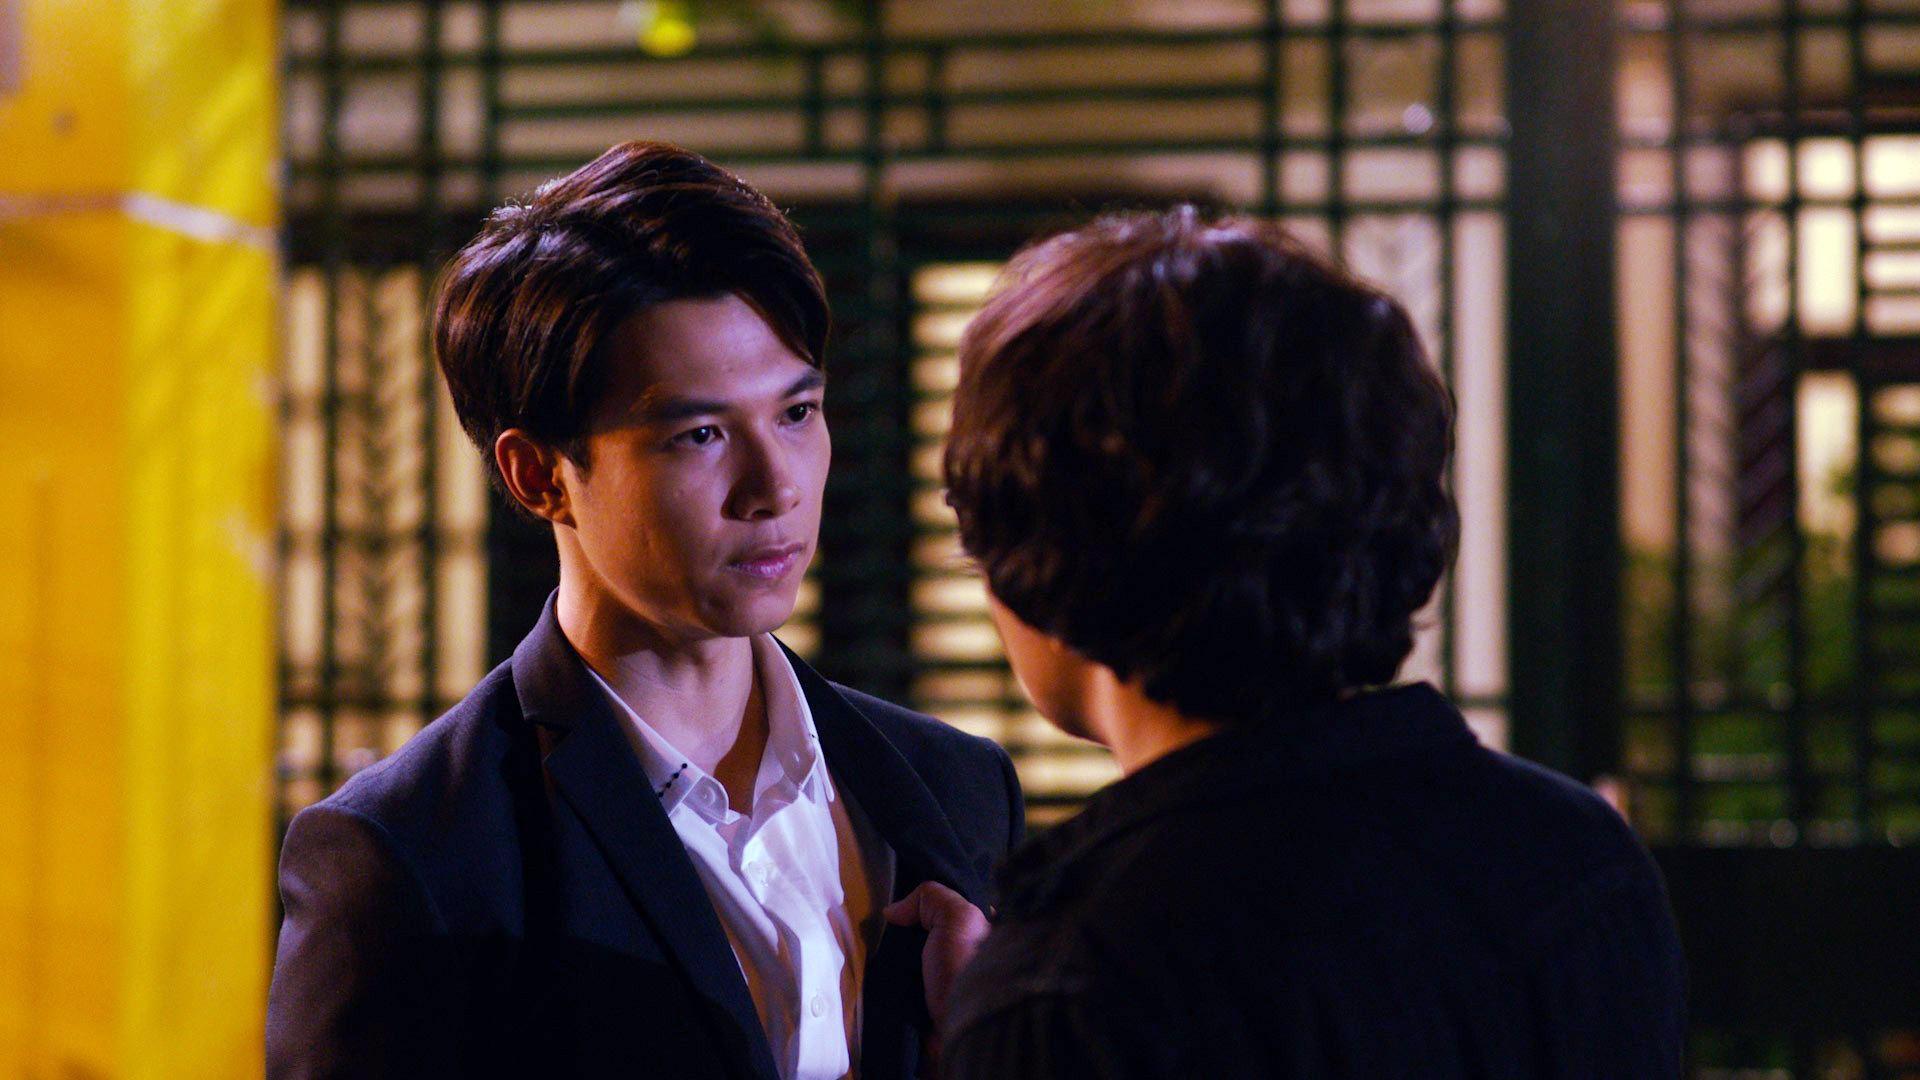 Phim Tết Cua Lại Vợ Bầu: Chàng Trọng Thoại tìm lại vợ yêu, còn Trấn Thành tìm thêm bản sắc - Ảnh 2.